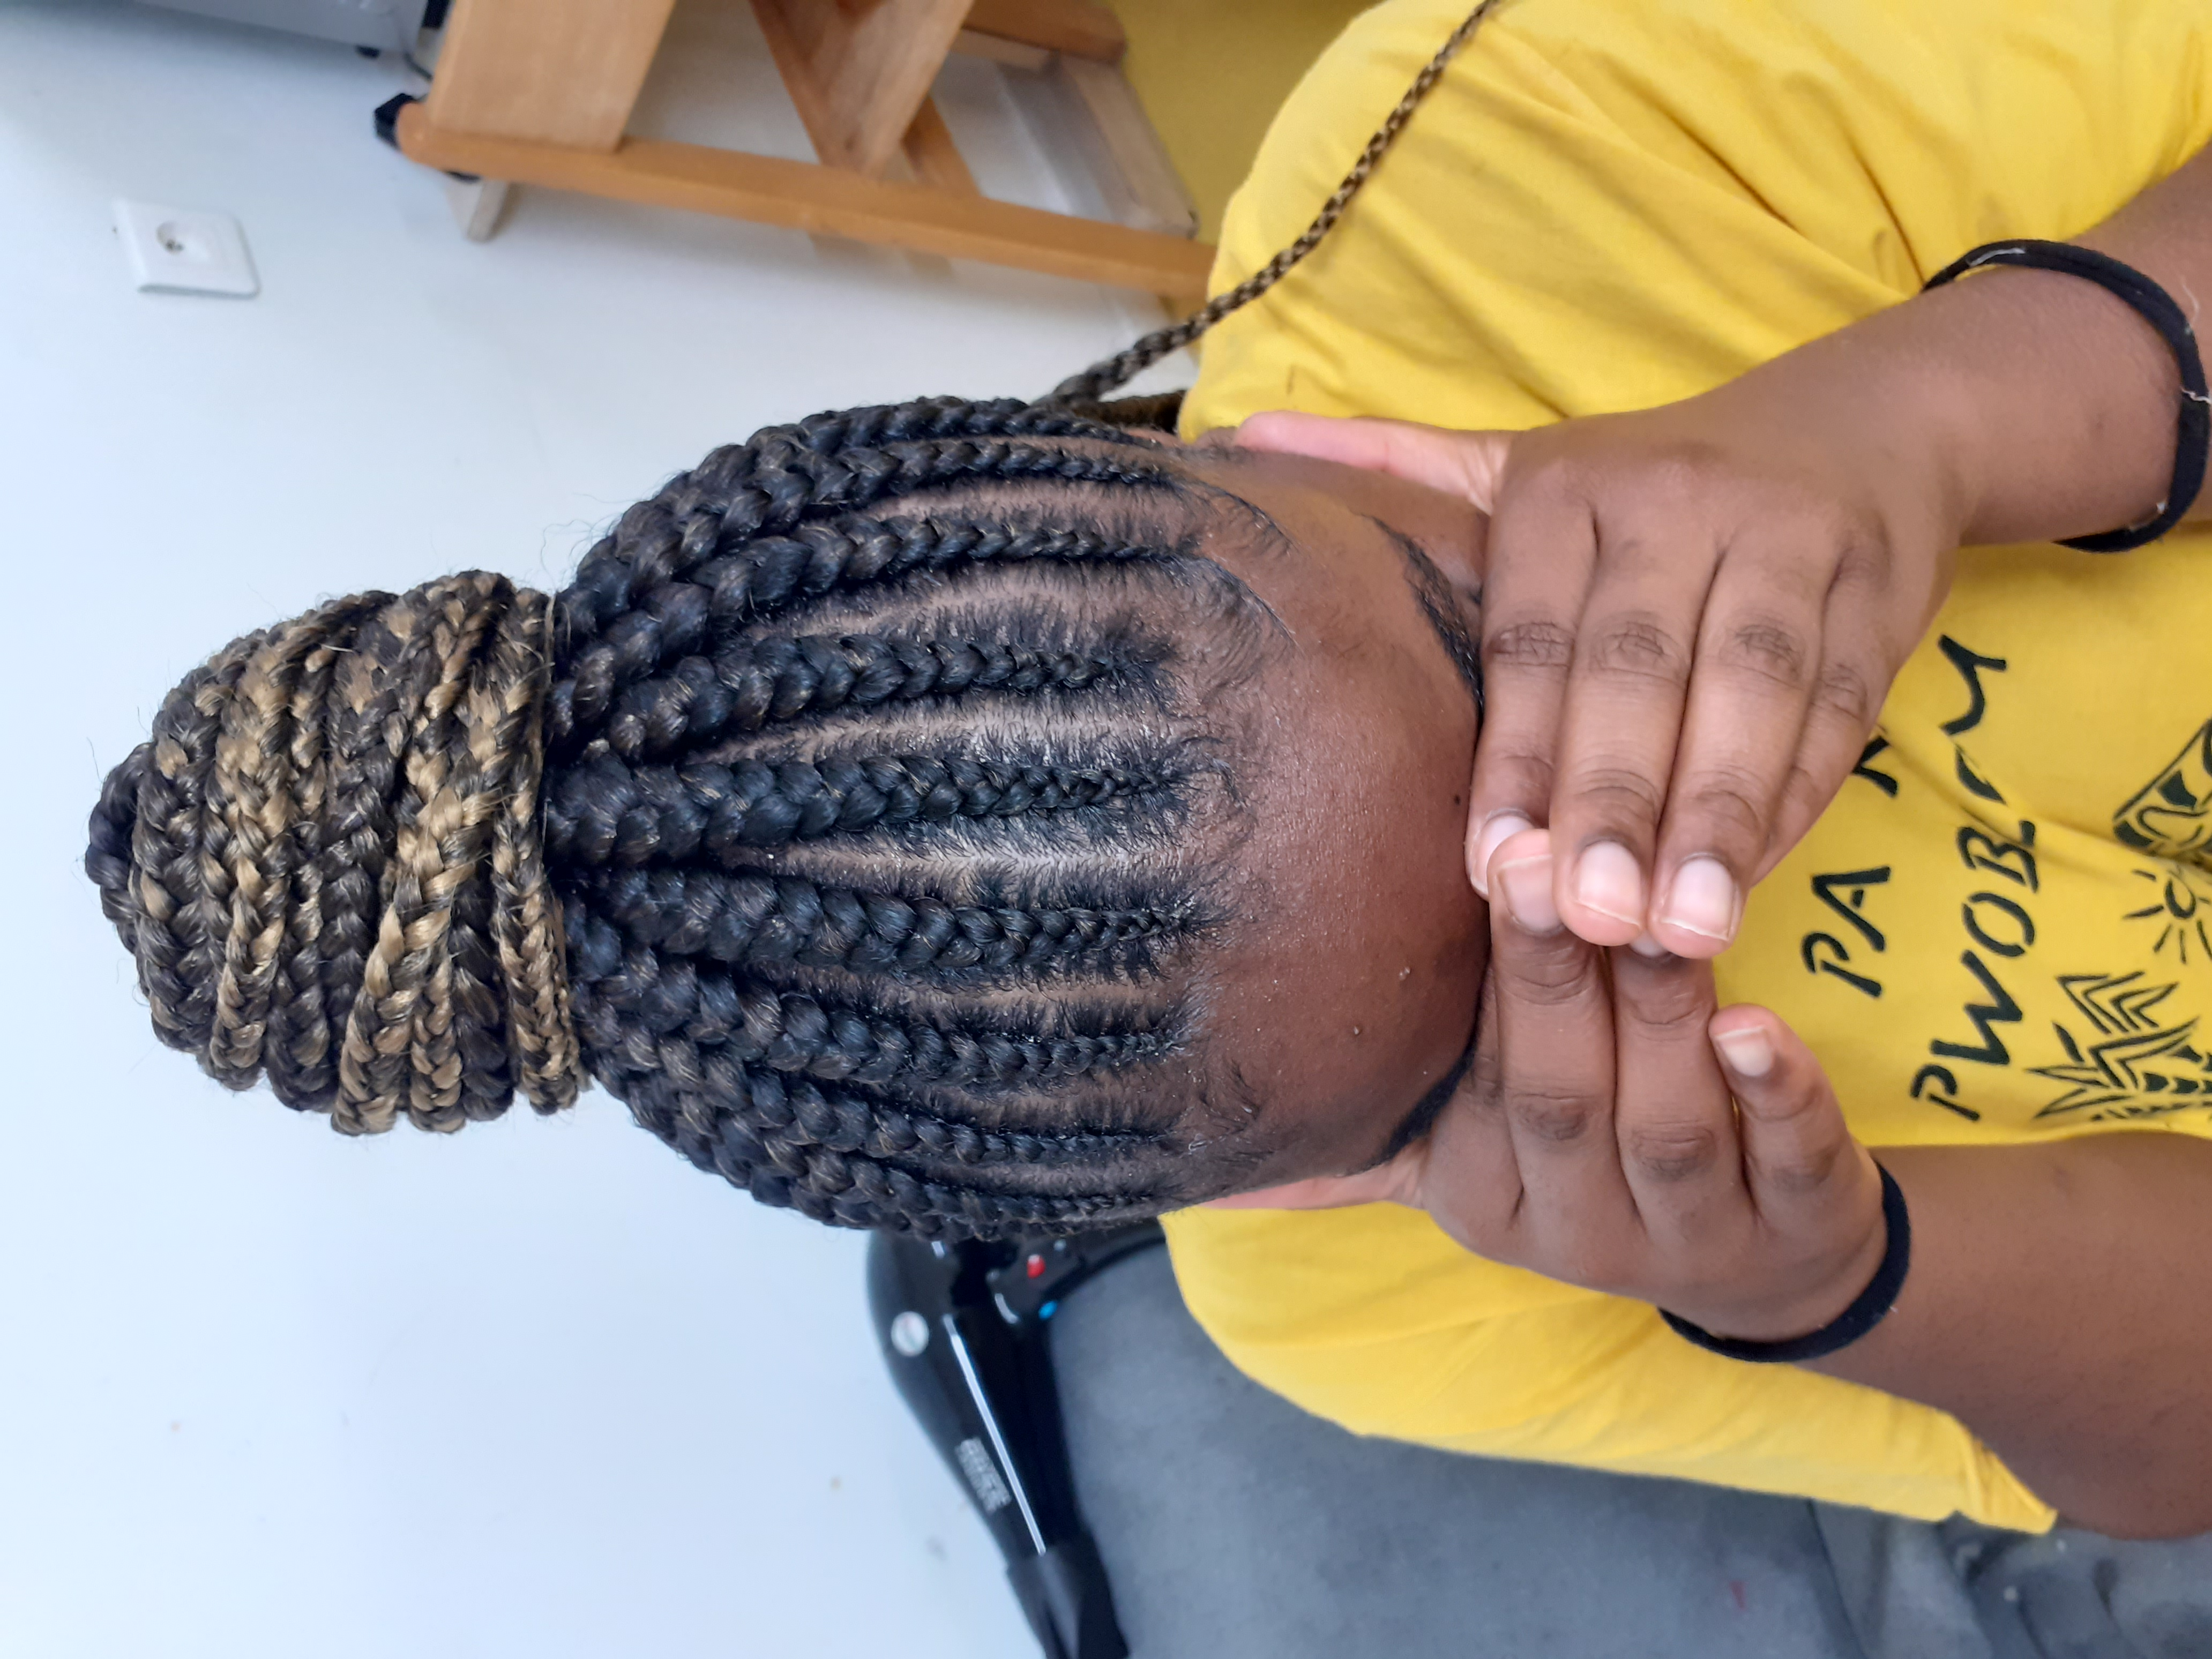 salon de coiffure afro tresse tresses box braids crochet braids vanilles tissages paris 75 77 78 91 92 93 94 95 HYGHIAOD